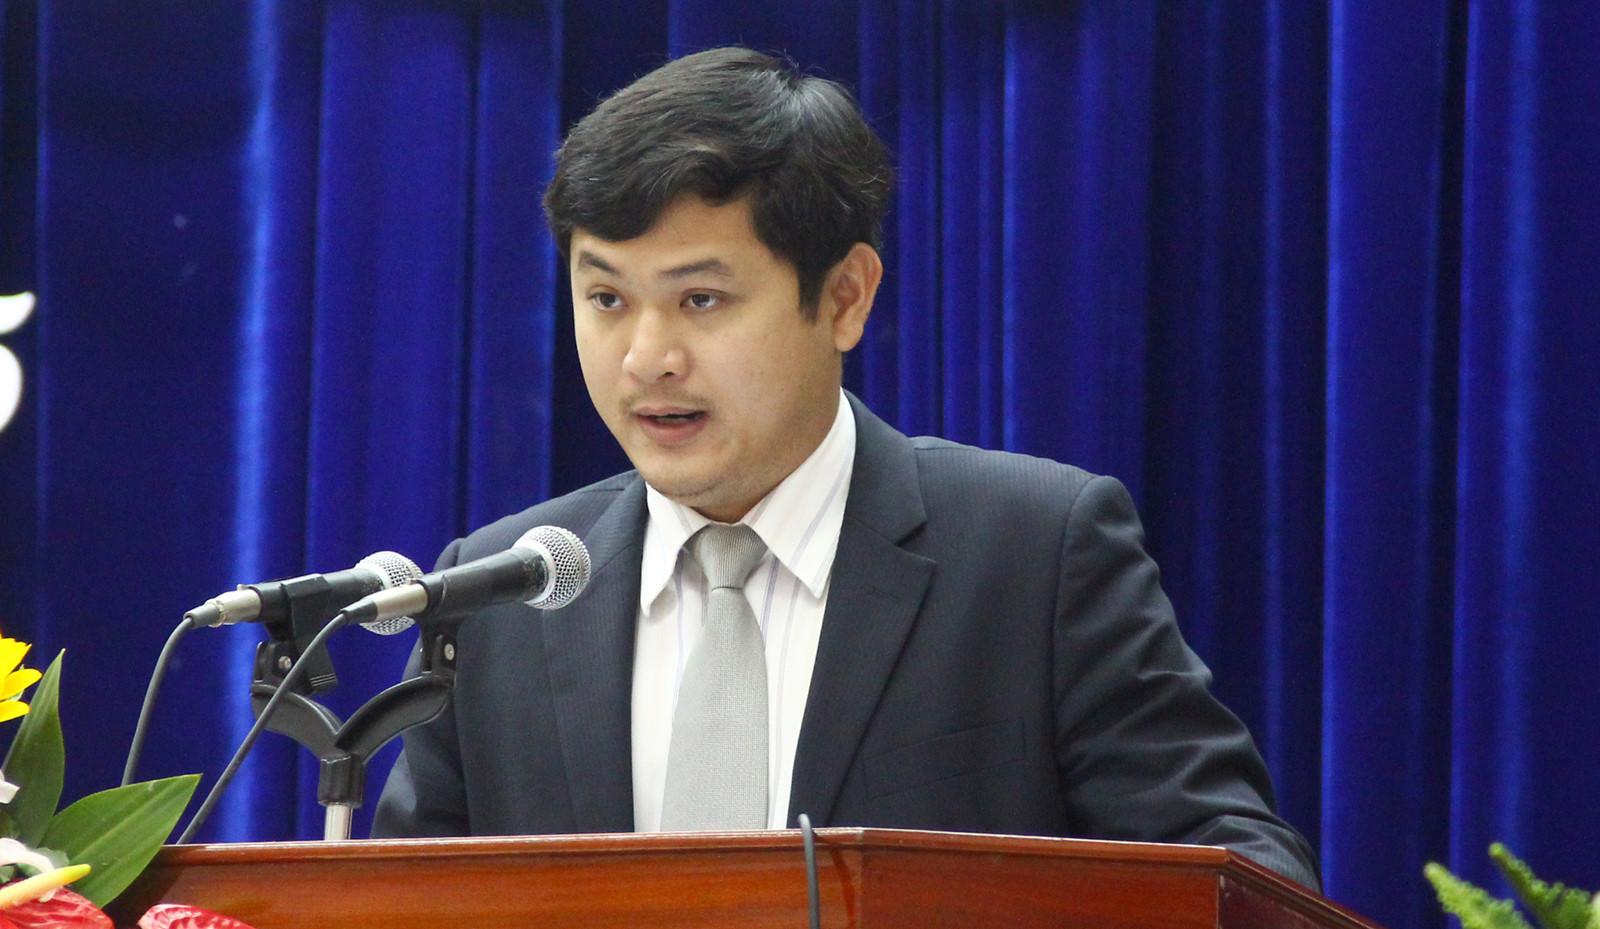 Tỉnh ủy Quảng Nam họp đột xuất vụ ông Lê Phước Hoài Bảo  1